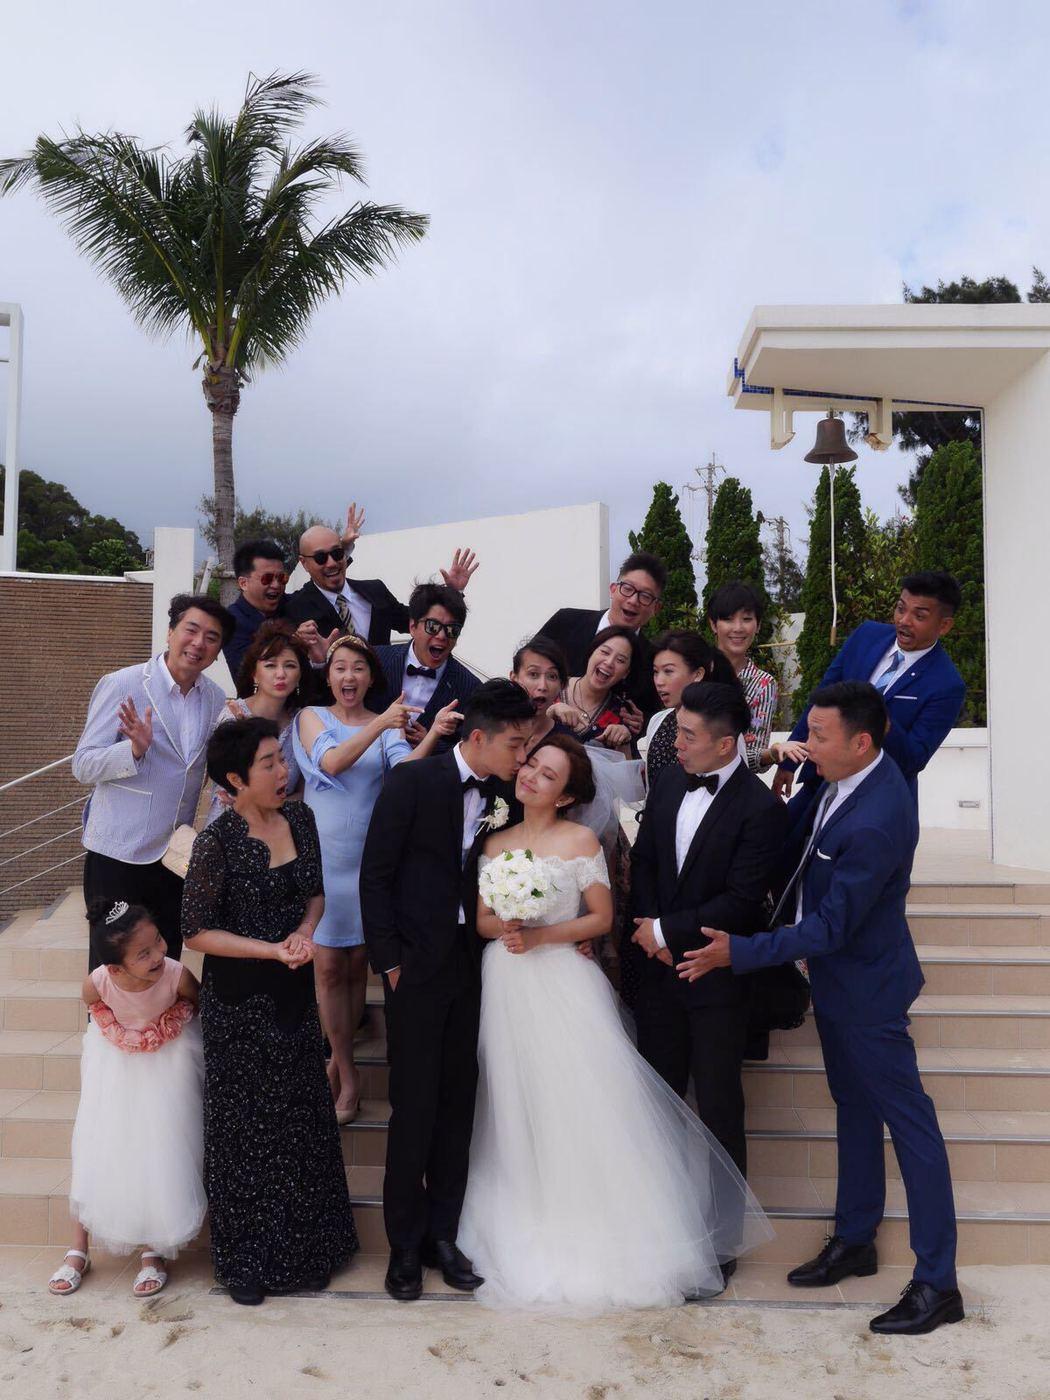 愛紗和周洺甫(前排中)在沖繩舉行婚禮。圖/曲洱有限公司提供